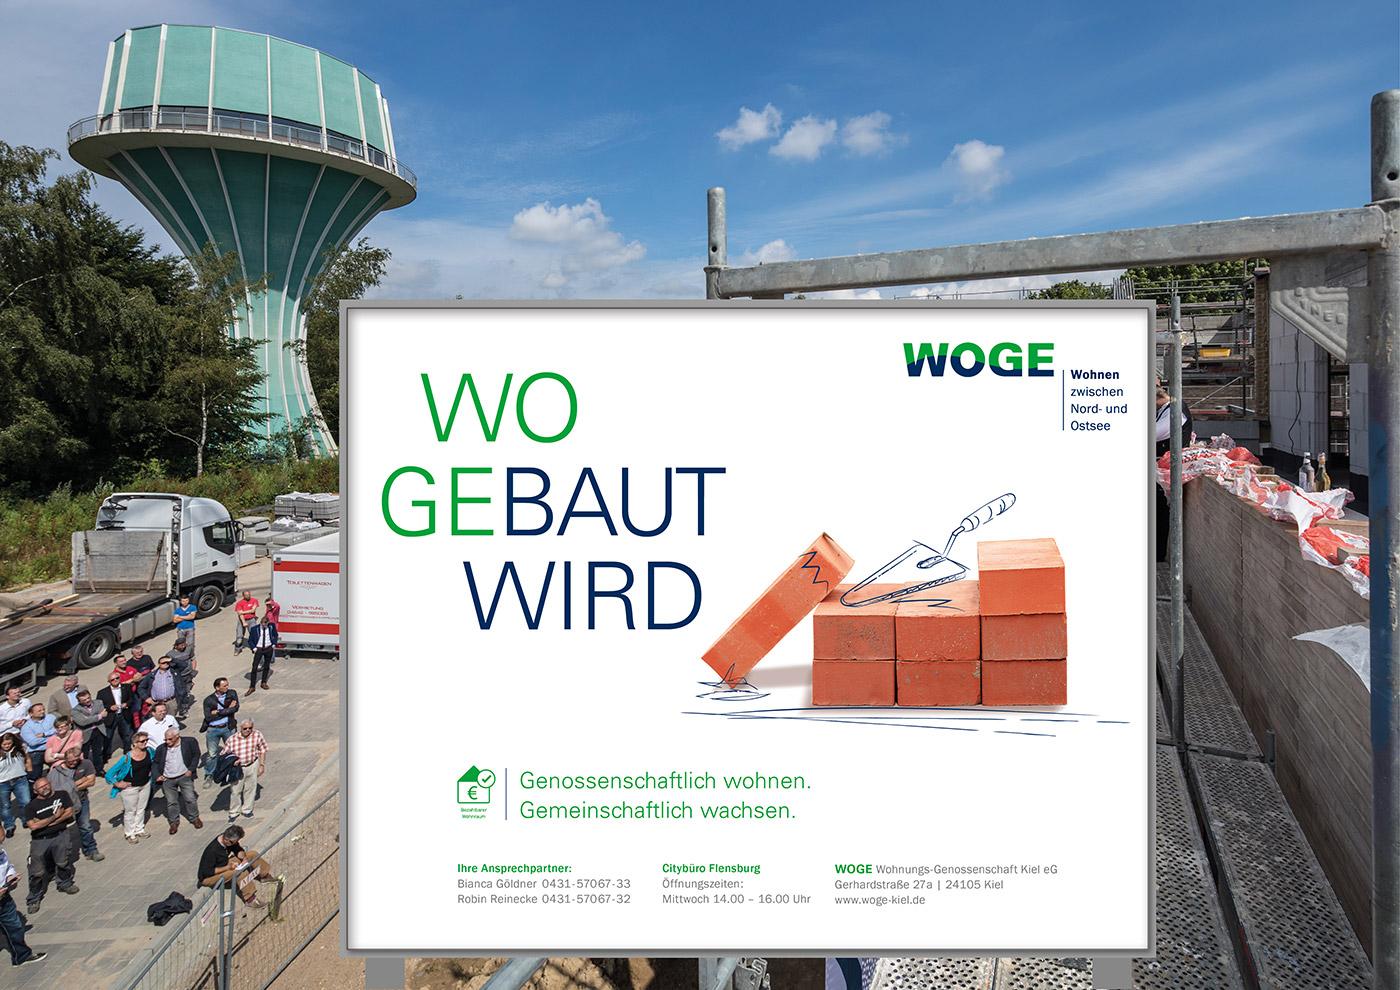 Corporate Design und Kommunikation für die WOGE Kiel: Plakat